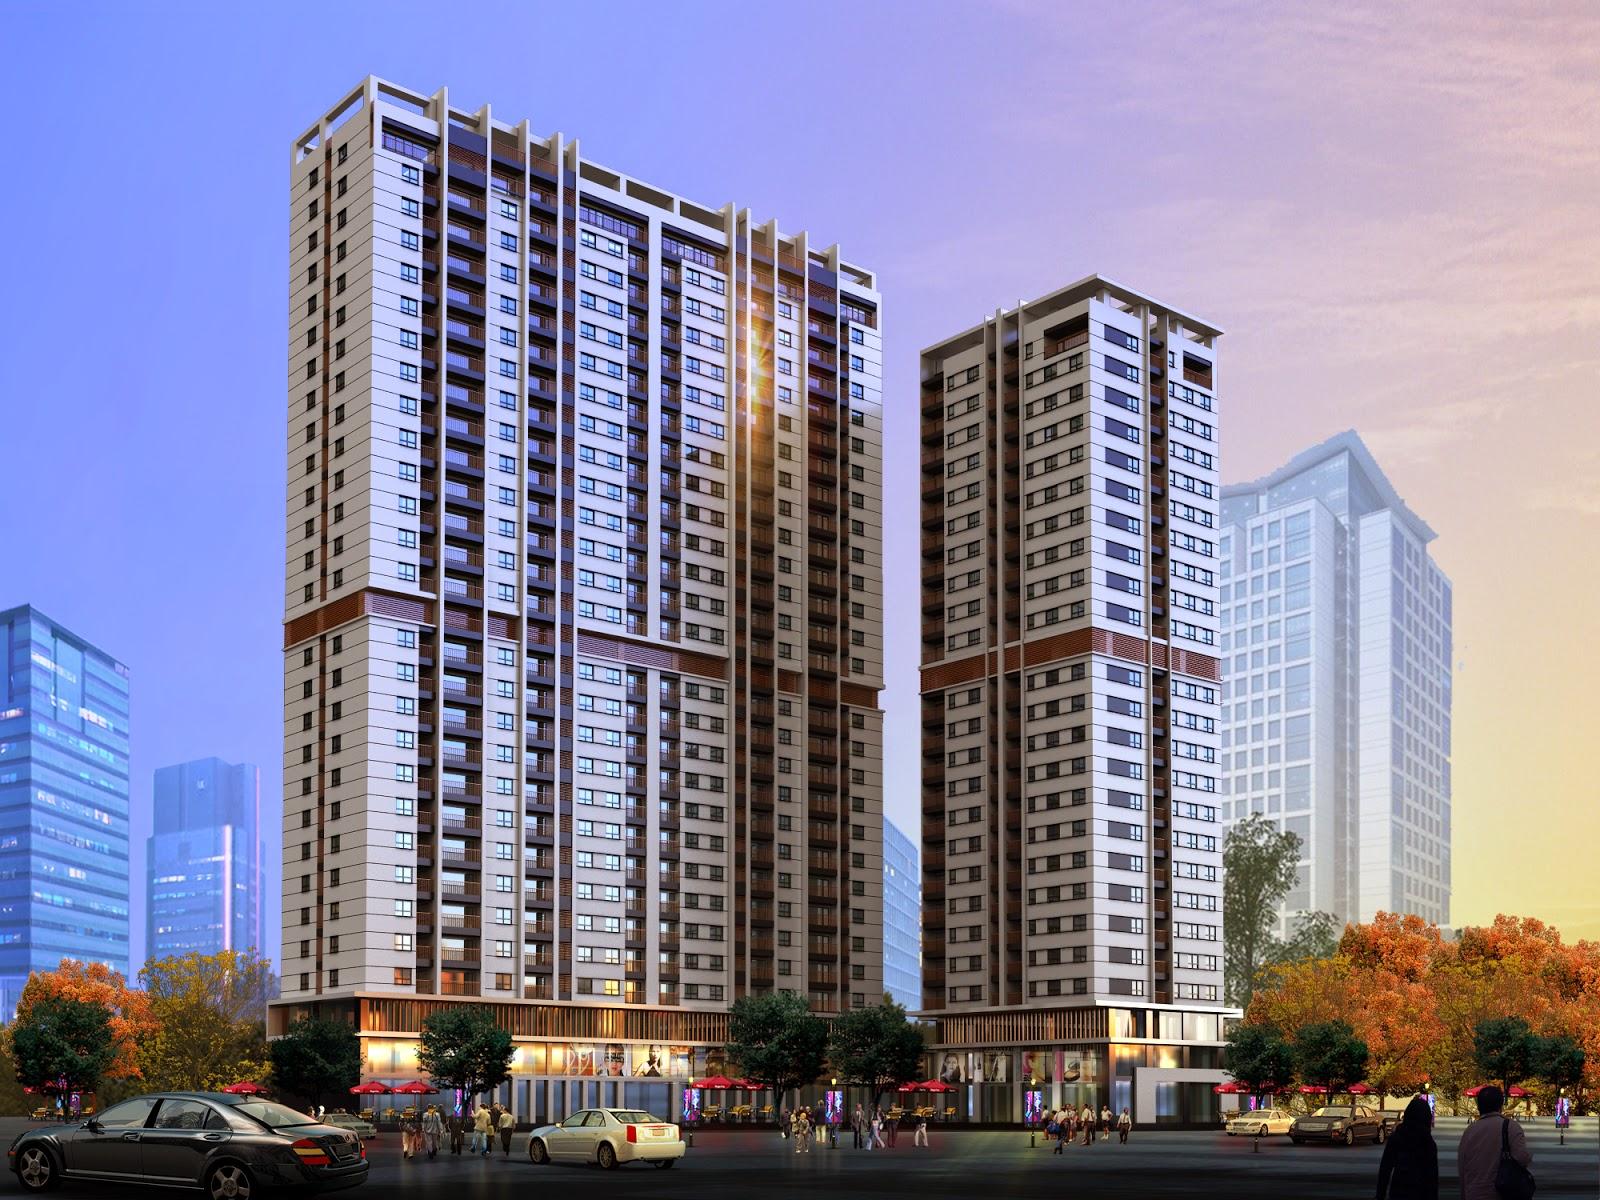 Chung cư HongKong Tower 243a Đê La Thành, Đống Đa, Hà Nội